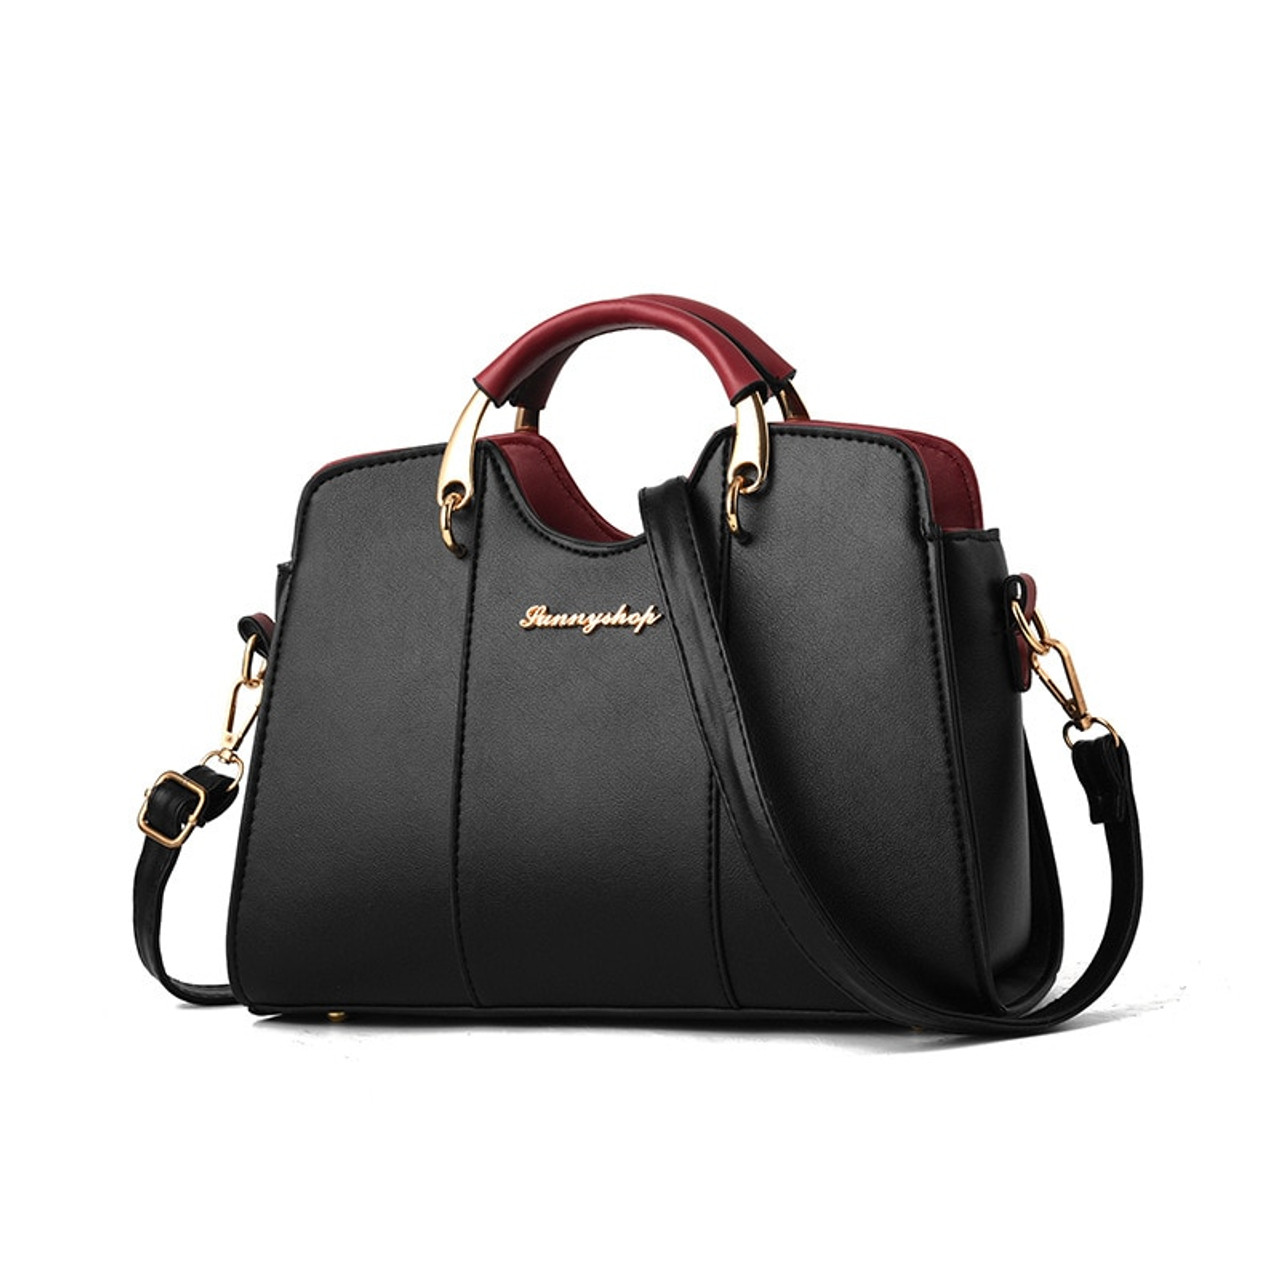 Short PU Leather Bag Handle Handbag Purse Clutch Bag Strap Holder Black 29cm